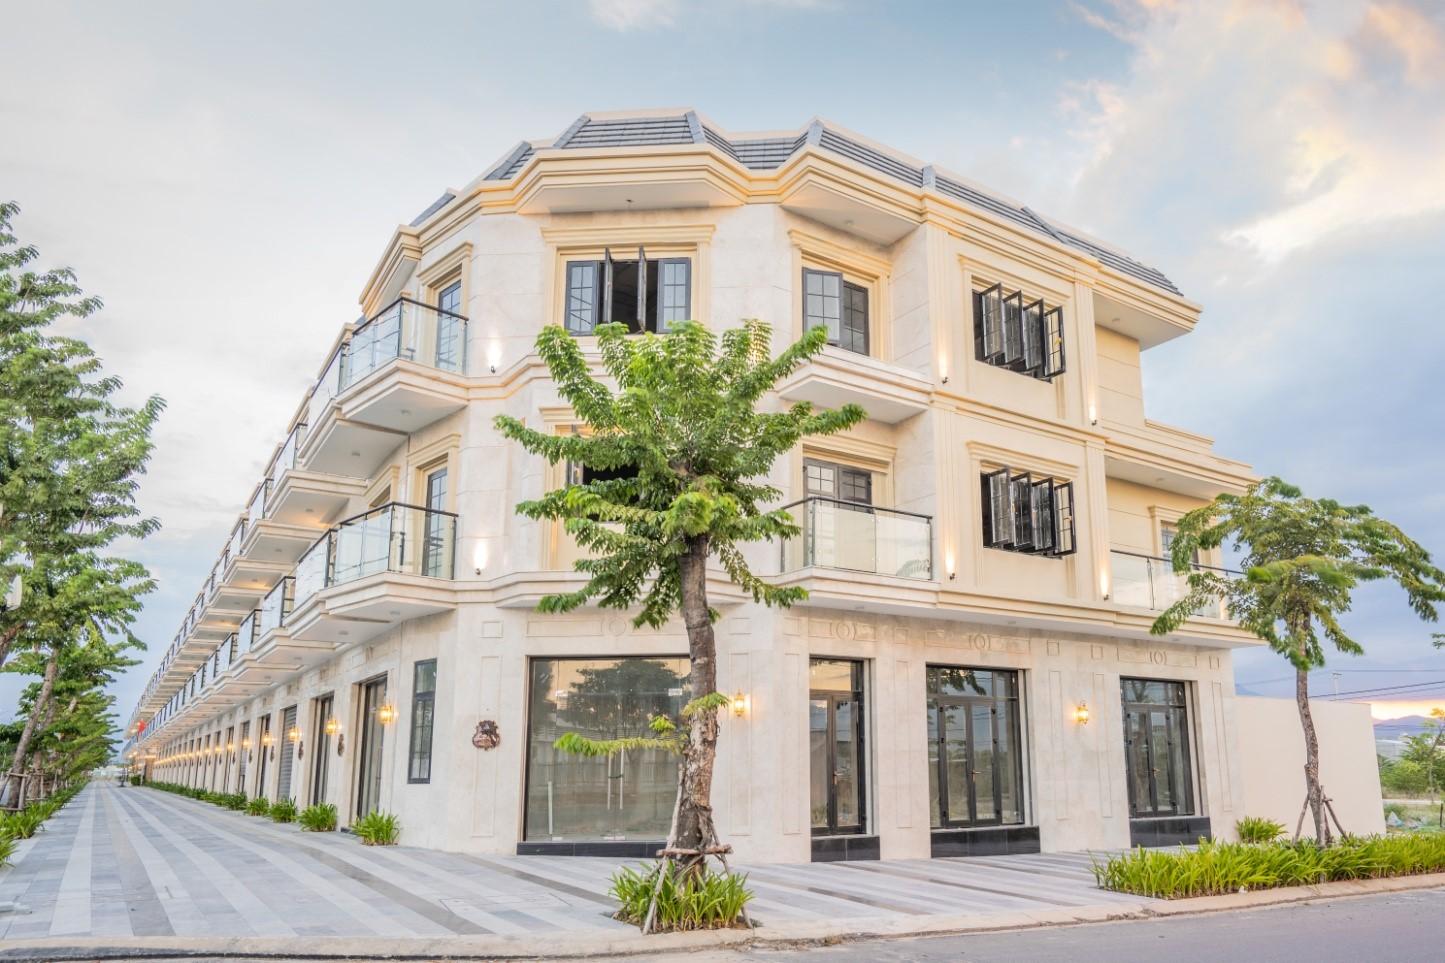 200 căn nhà phố kinh doanh kết hợp ở tại Đà Nẵng sang tên cho khách hàng chỉ sau 12 tháng